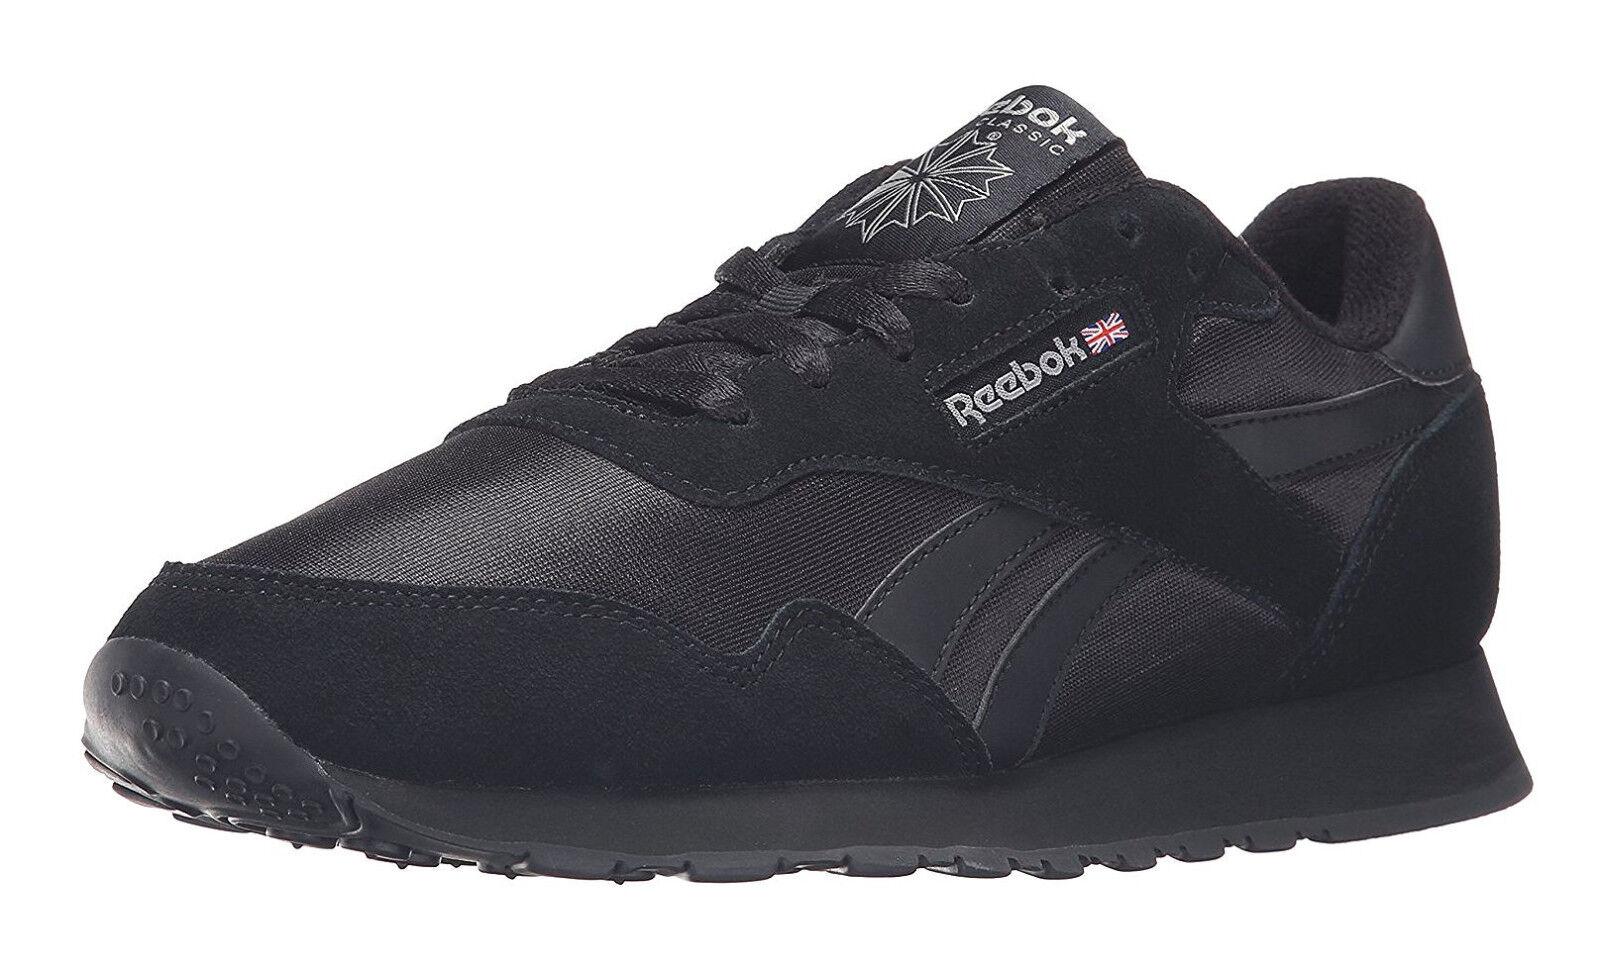 Reebok Clásico Nylon Royal Nylon Clásico Negro Zapatos Tenis De Hombre Para Correr De Carbono a49ac0